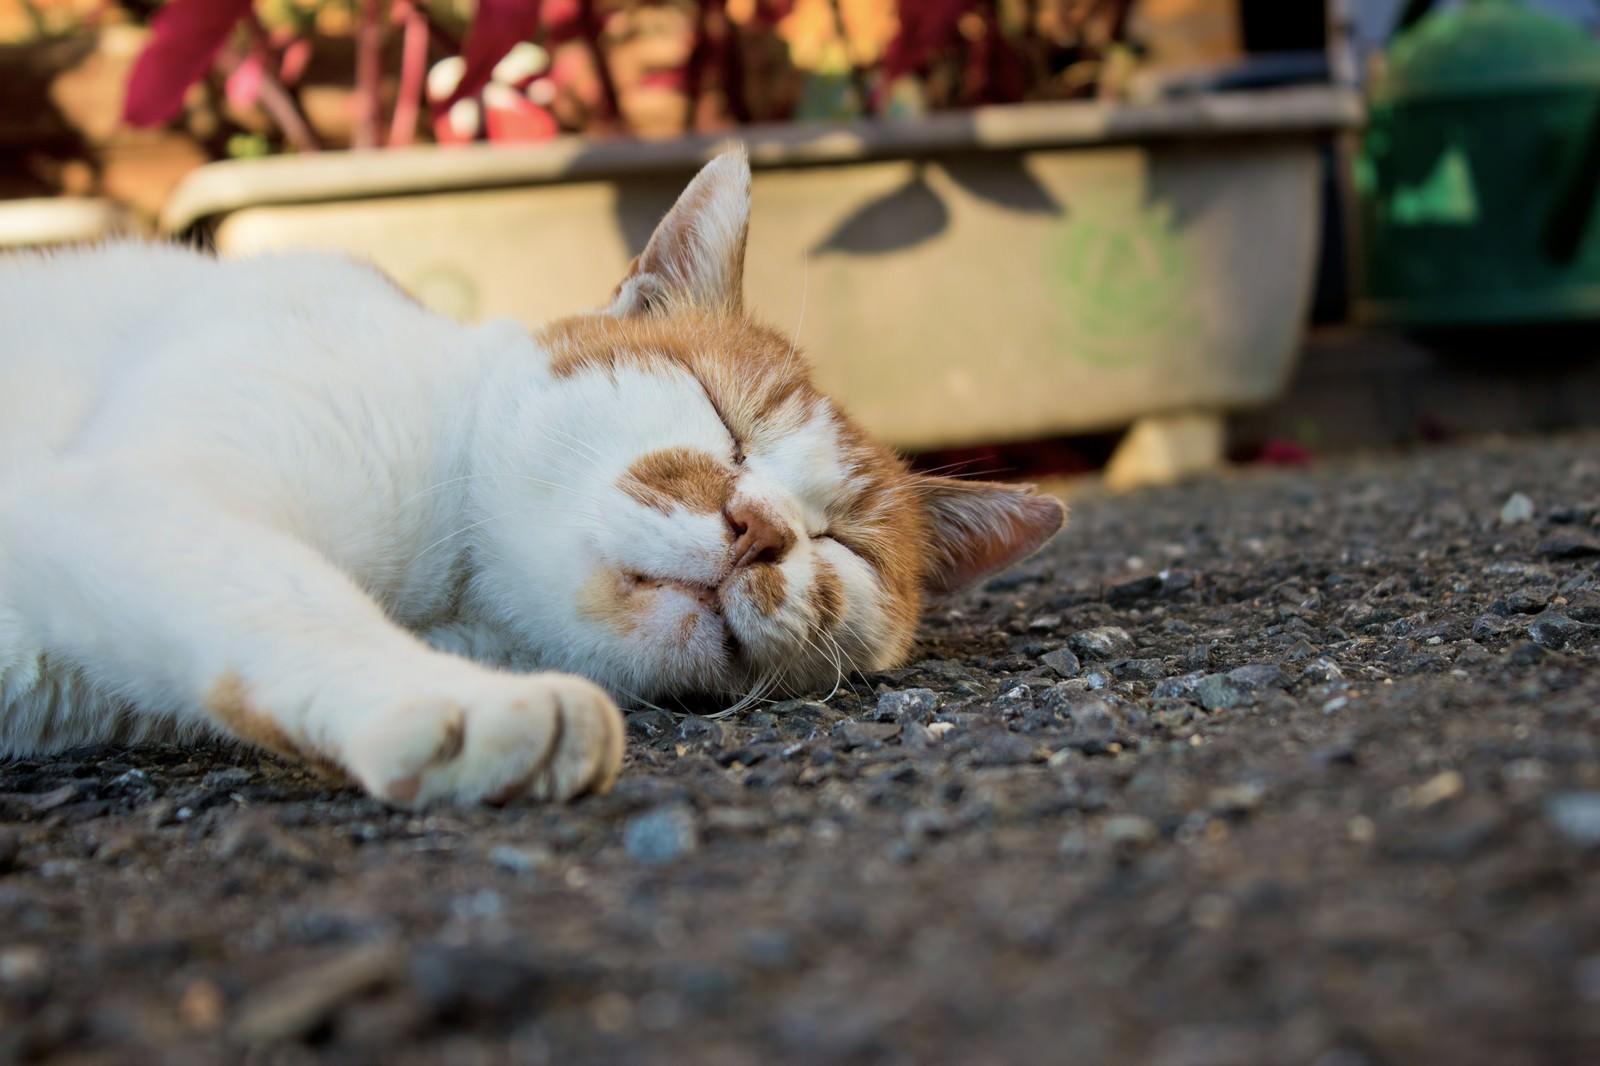 「アスファルトで爆睡中の猫アスファルトで爆睡中の猫」のフリー写真素材を拡大